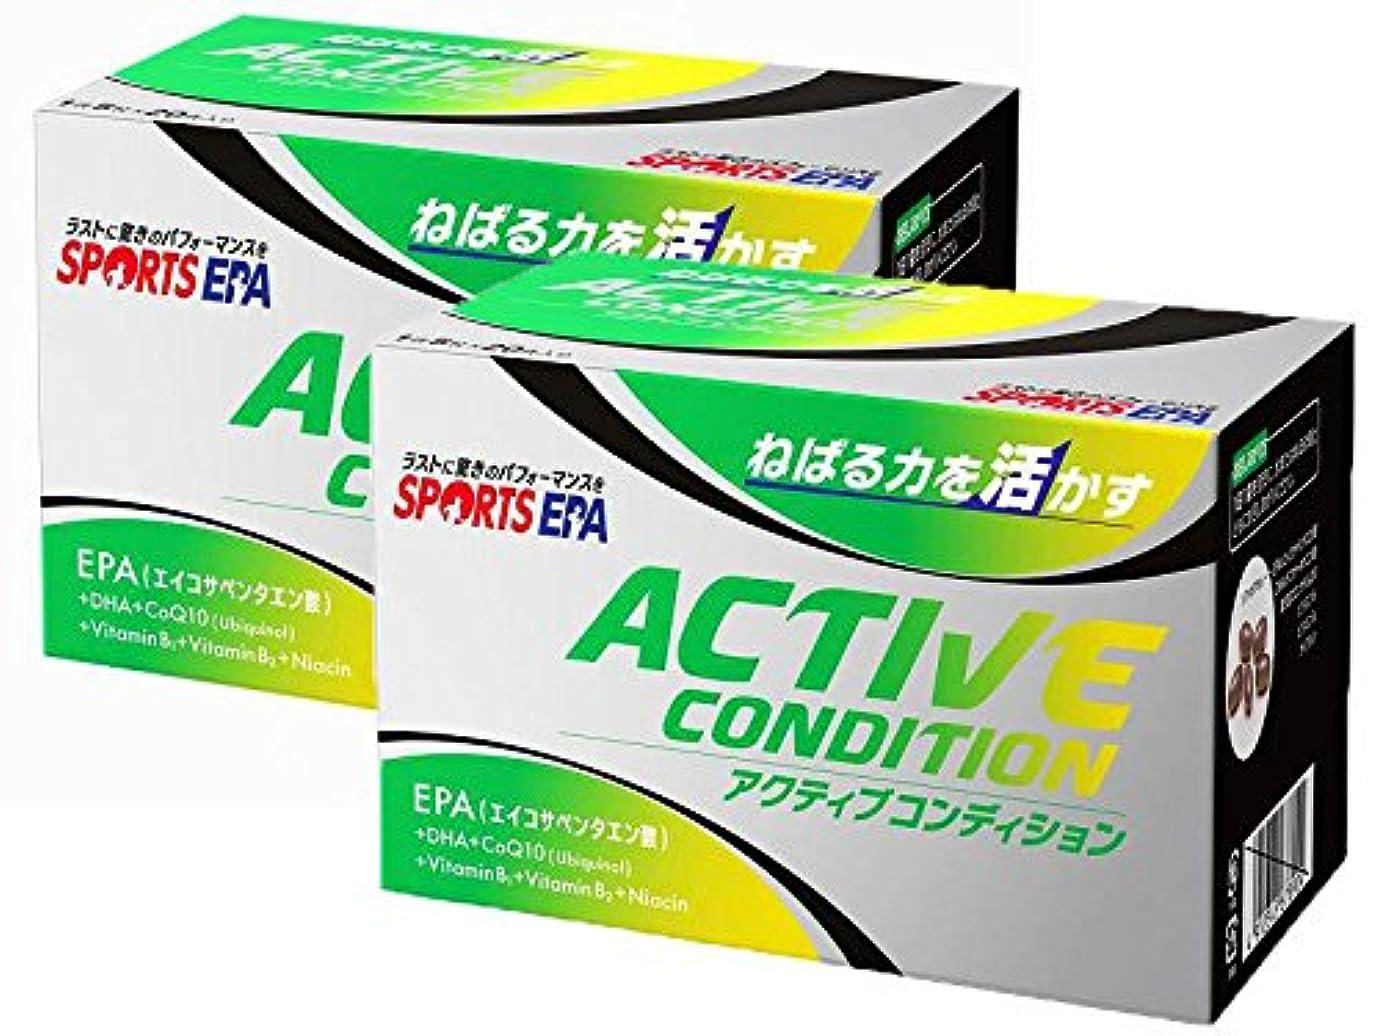 ソーセージ引退したバーストSPORTS EPA(スポーツEPA) ACTIVE CONDITION(分包) アクティブコンディション 20袋入り×2箱 69083-2SET